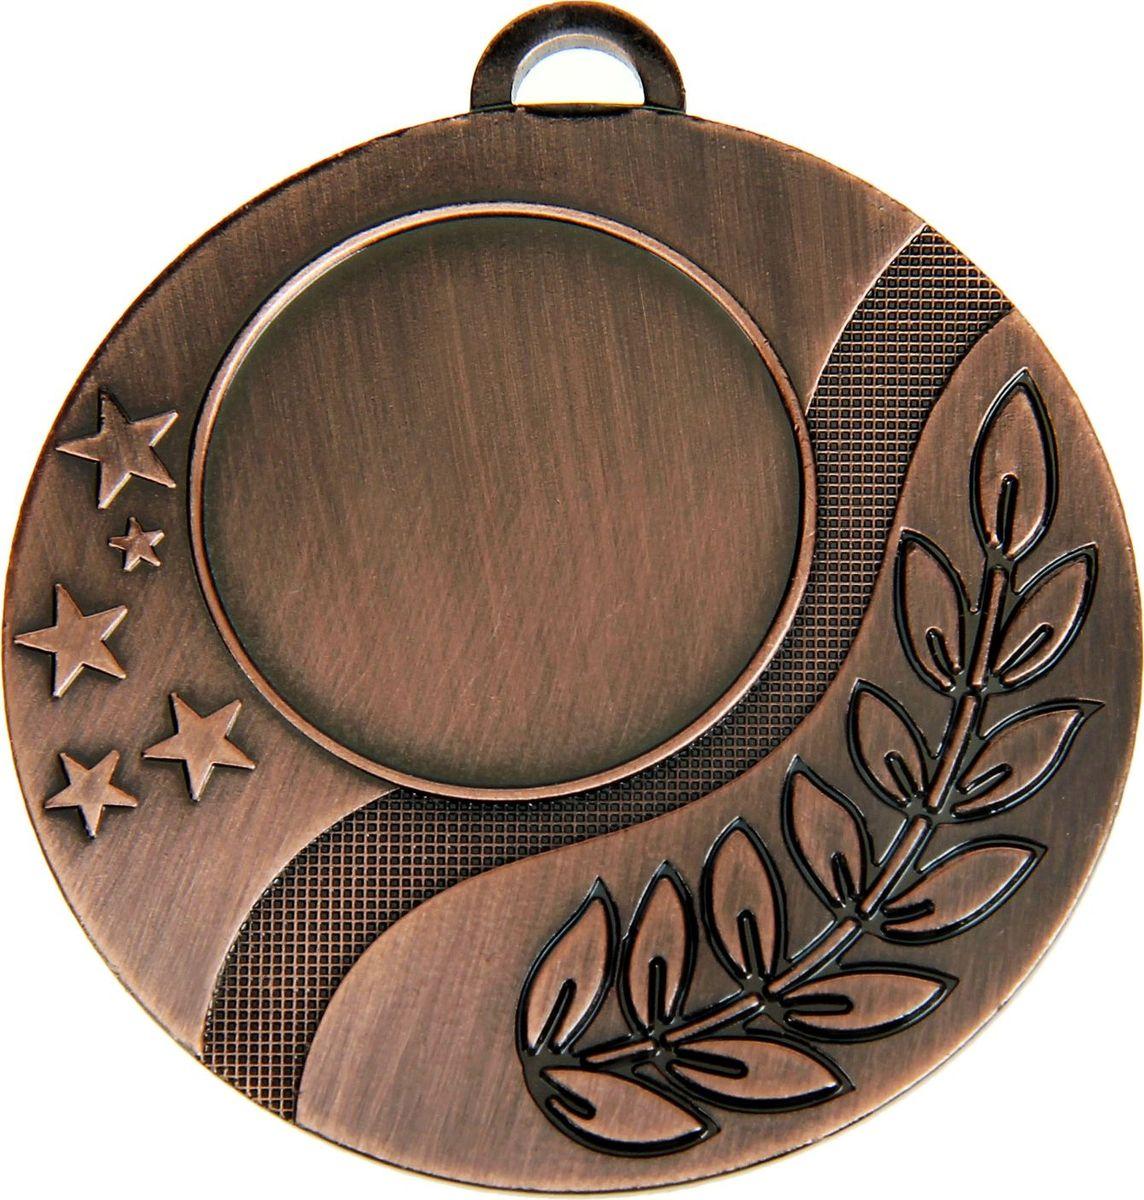 Медаль сувенирная с местом для гравировки, цвет: бронзовый, диаметр 5 см. 0191028901Дизайн медали дополнен изображением лавра, ведь со времен греко-римской древности его ветви — символ славы, победы или мира. Эту награду вы сможете дополнить персональной гравировкой или корпоративной символикой. Если вы захотите подчеркнуть важность домашнего или корпоративного спортивного мероприятия, оригинальным и запоминающимся итогом соревнований будет вручение медалей участникам и победителям. Характеристики: Диаметр медали: 5 см Диаметр вкладыша (лицо): 2,5 см Диаметр вкладыша (оборот): 4,5 см.